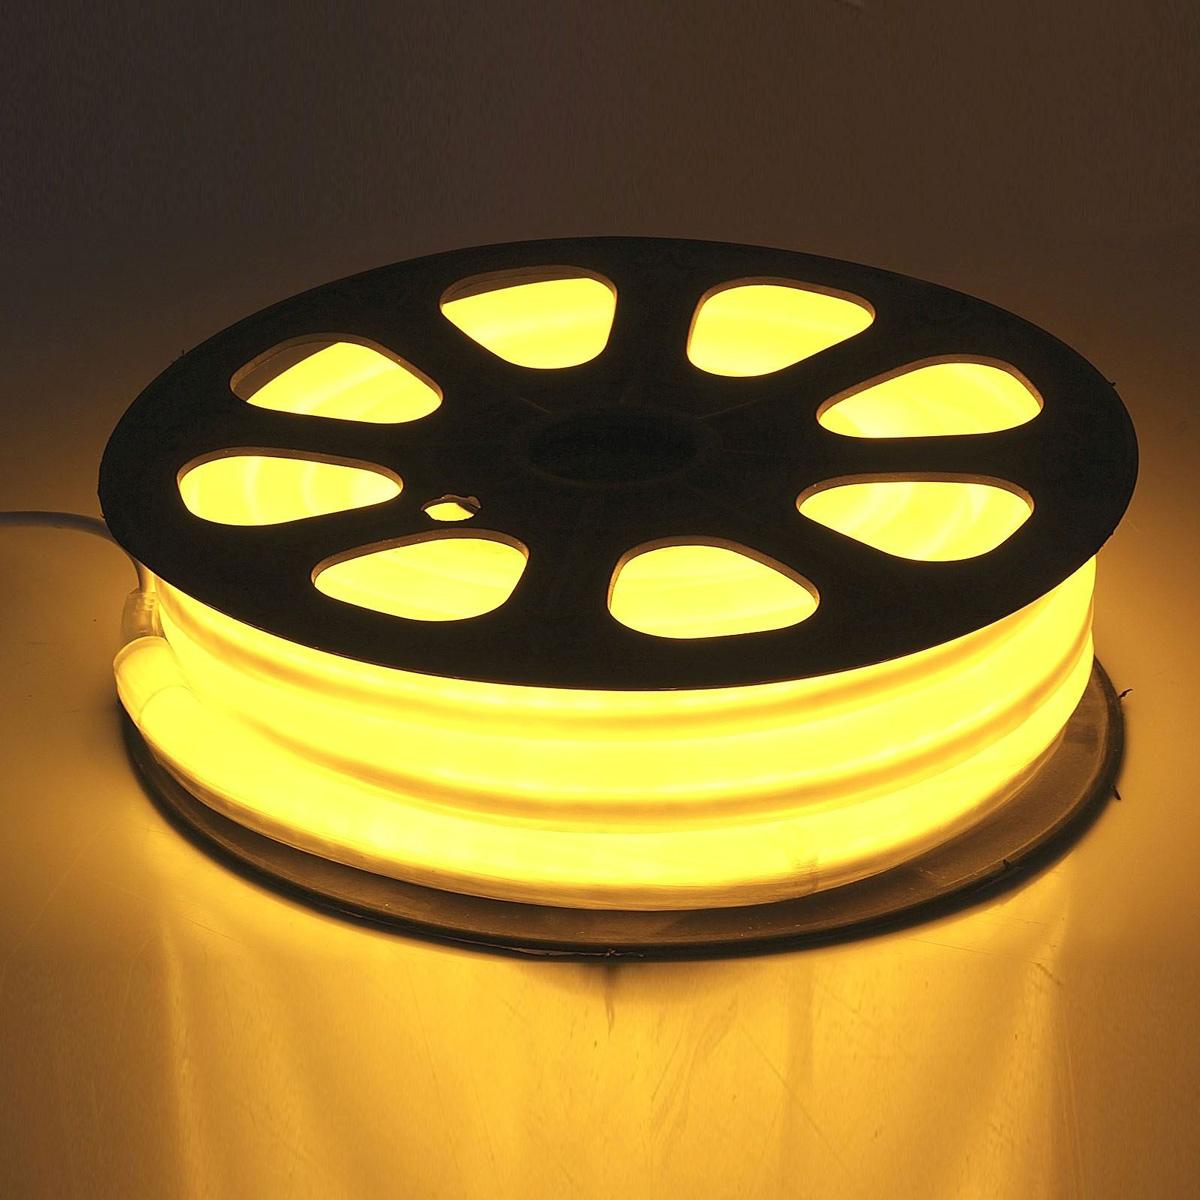 Гирлянда светодиодная  Sima-land , 80 ламп, 220 V, цвет: желтый, 1,2 см х 2,4 см х 10 м. 678011 -  Гирлянды и светильники